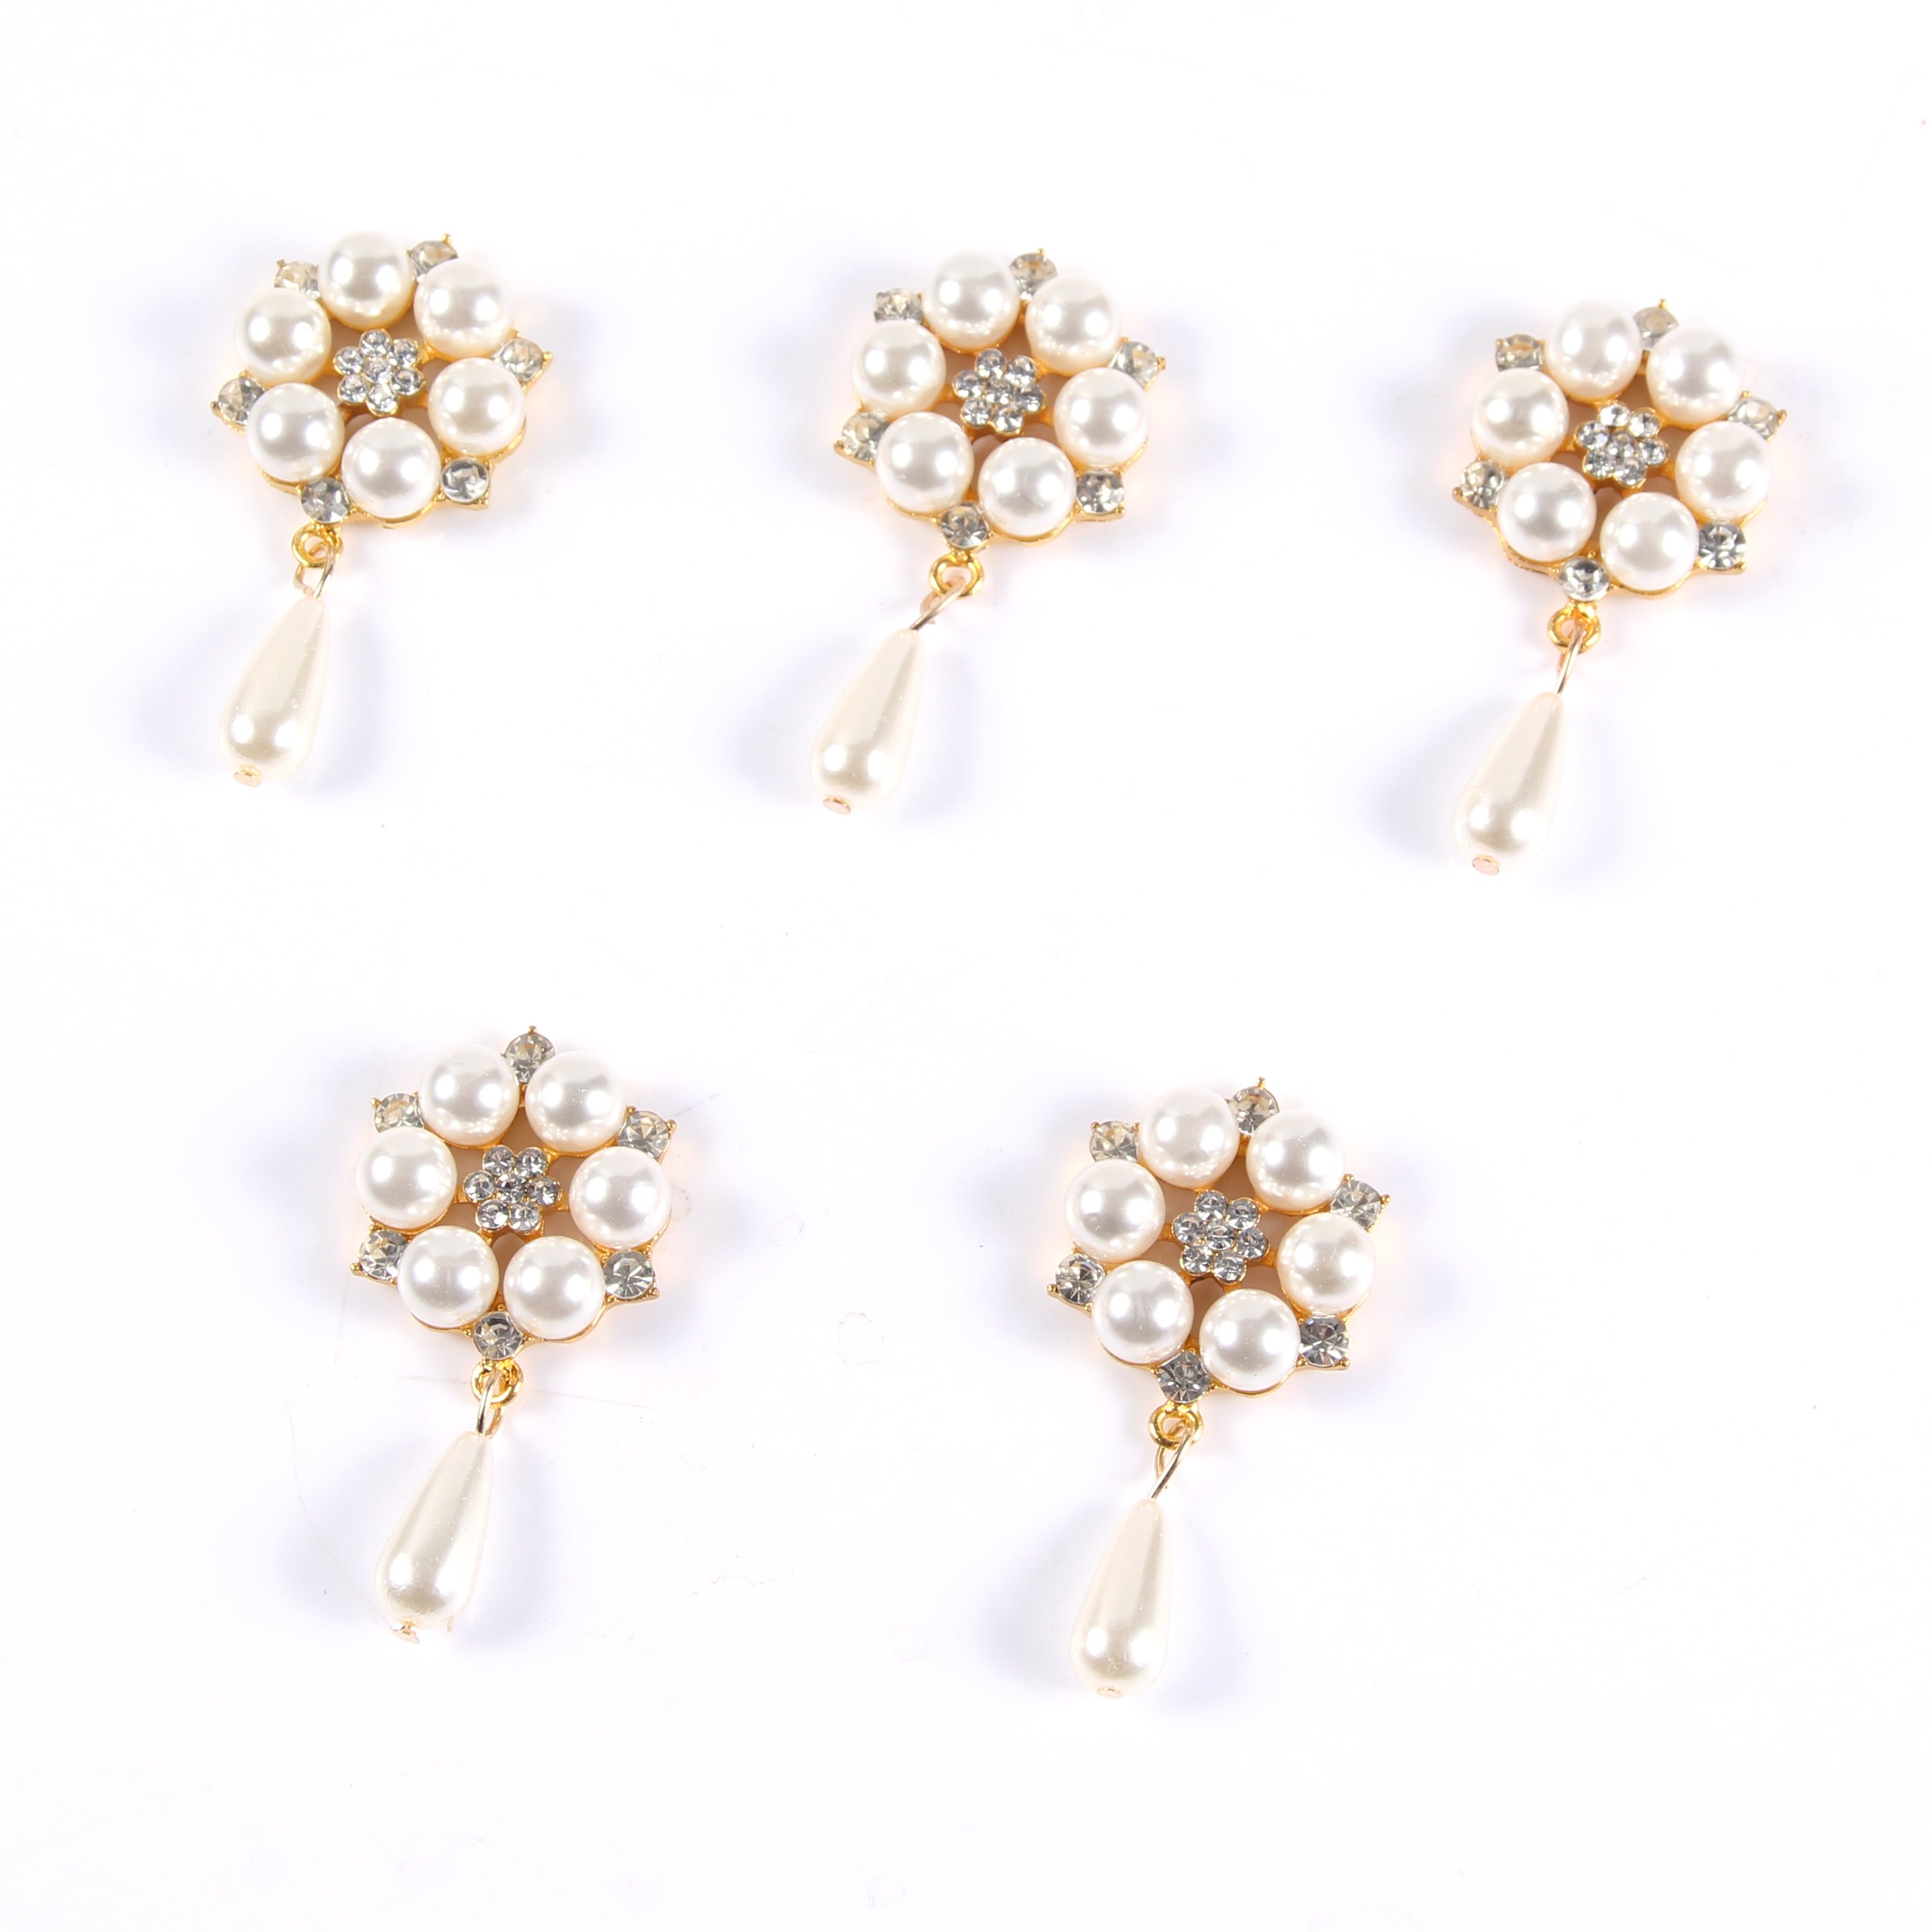 Yeni broş kristal çiçek şerit ilmek taklidi yaka gömlek aksesuarı inci süsleme düğmesi